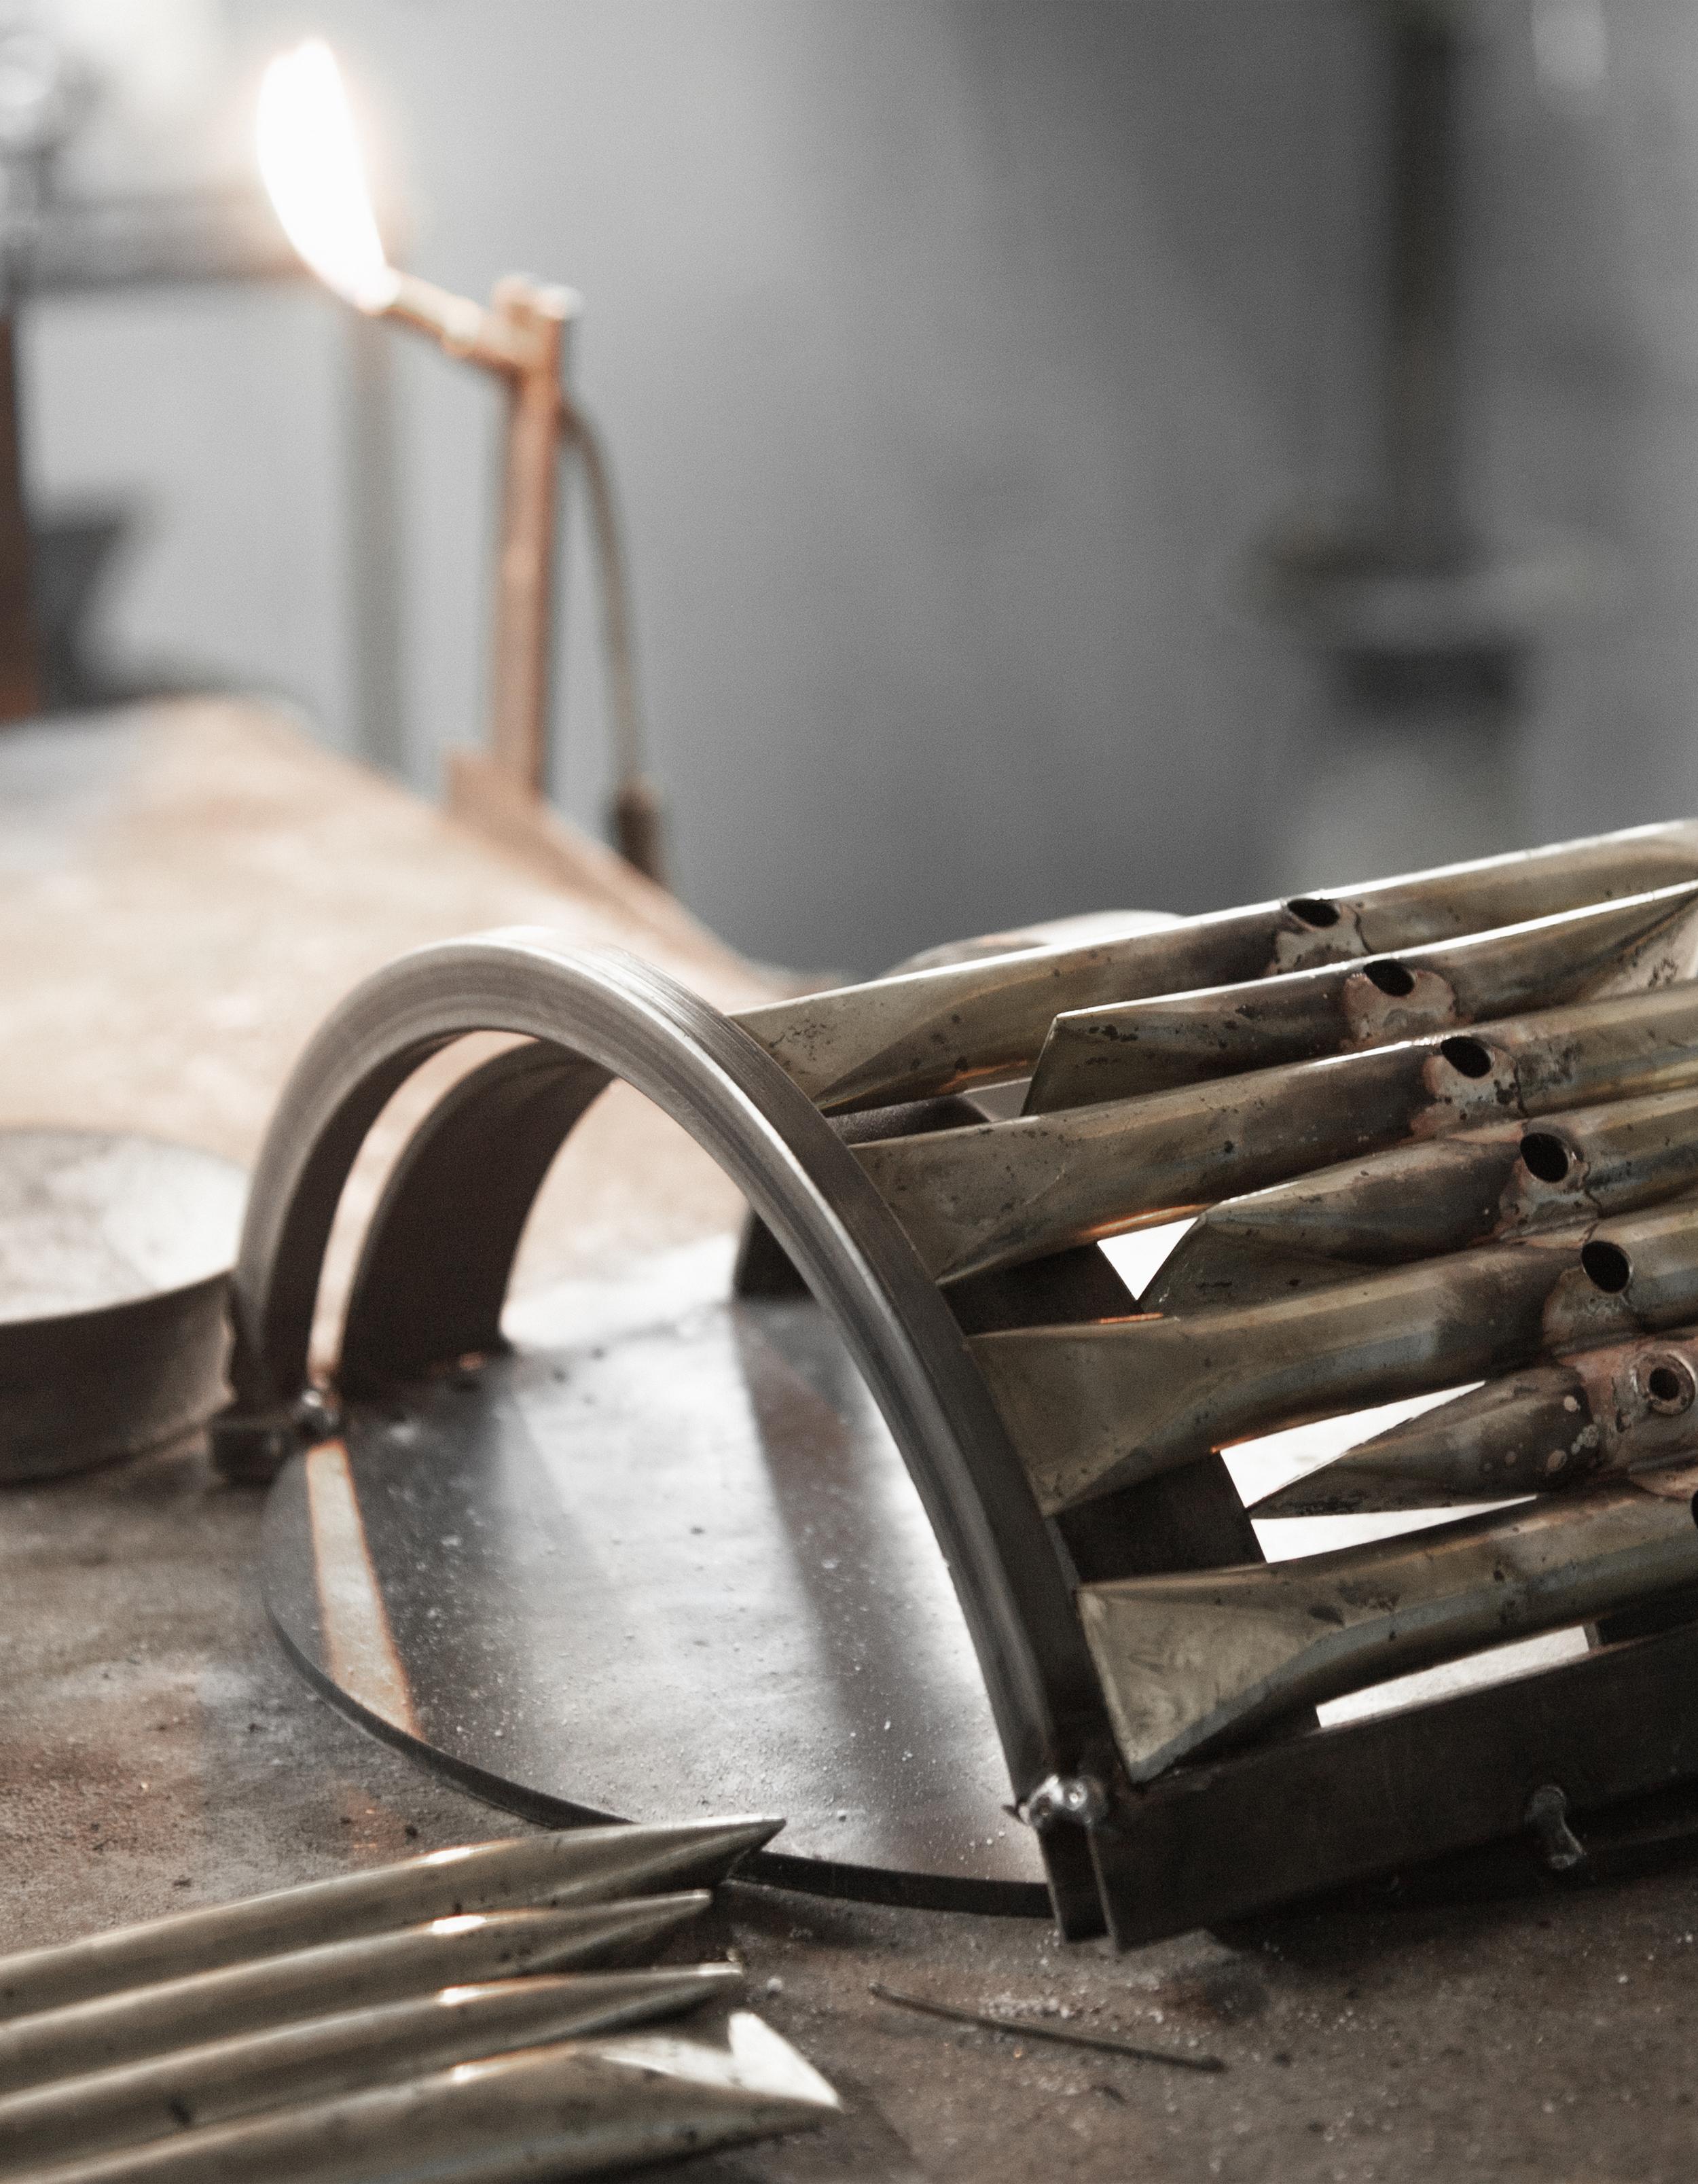 delightfull-handcraft-detail11-lighting-design-handmade-production.jpg